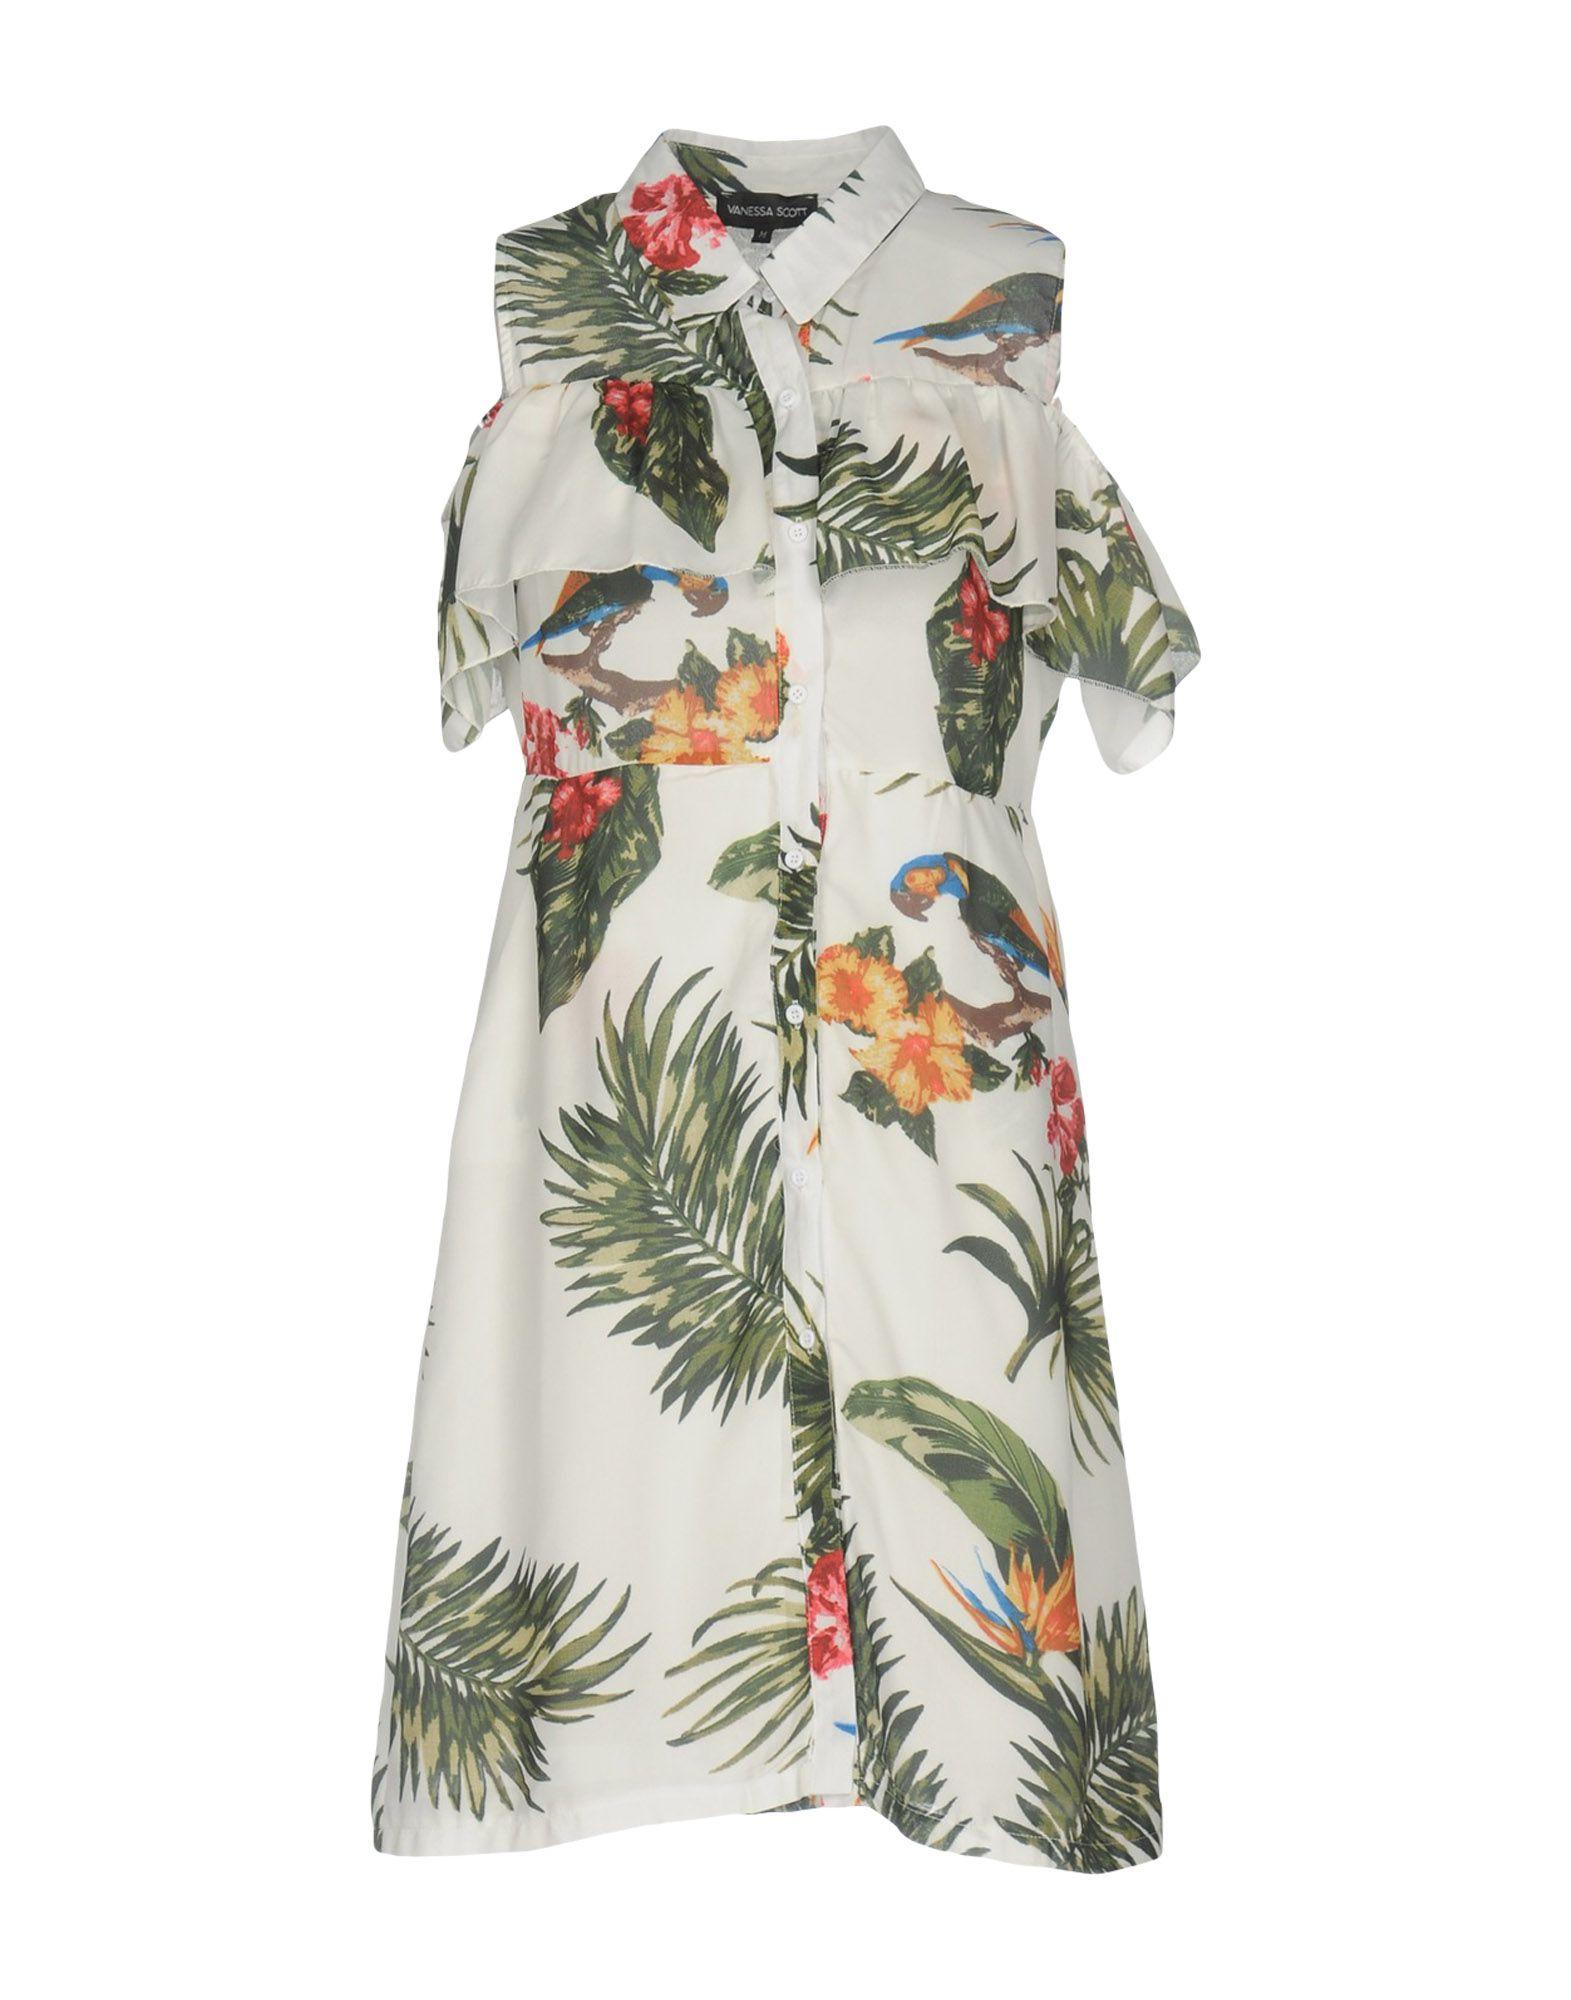 VANESSA SCOTT Damen Kurzes Kleid Farbe Weiß Größe 5 - broschei